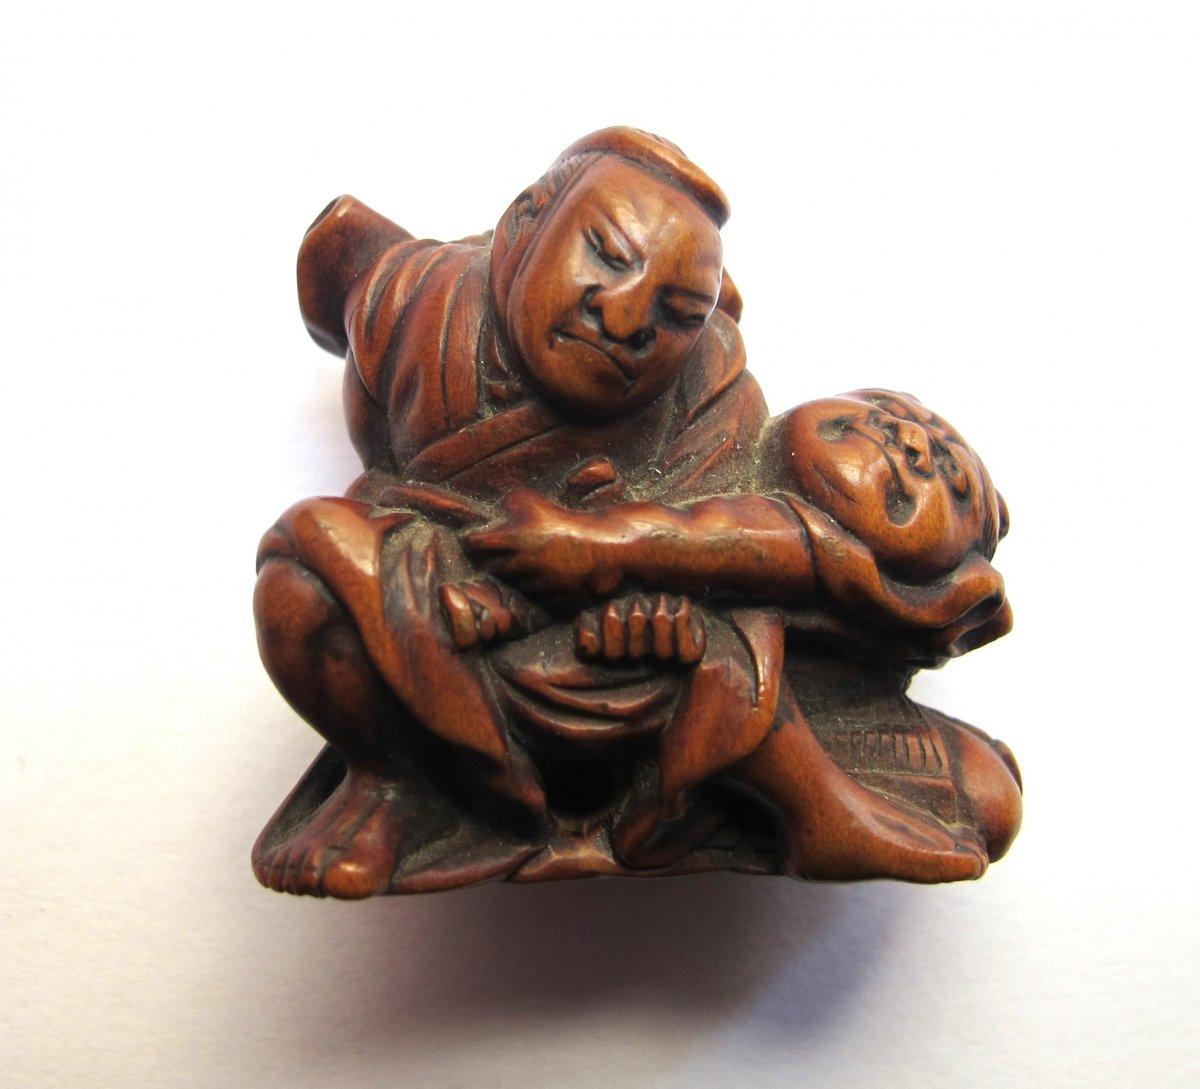 Netsuke en bois représentant deux samouraï luttant dans le style des sumotori